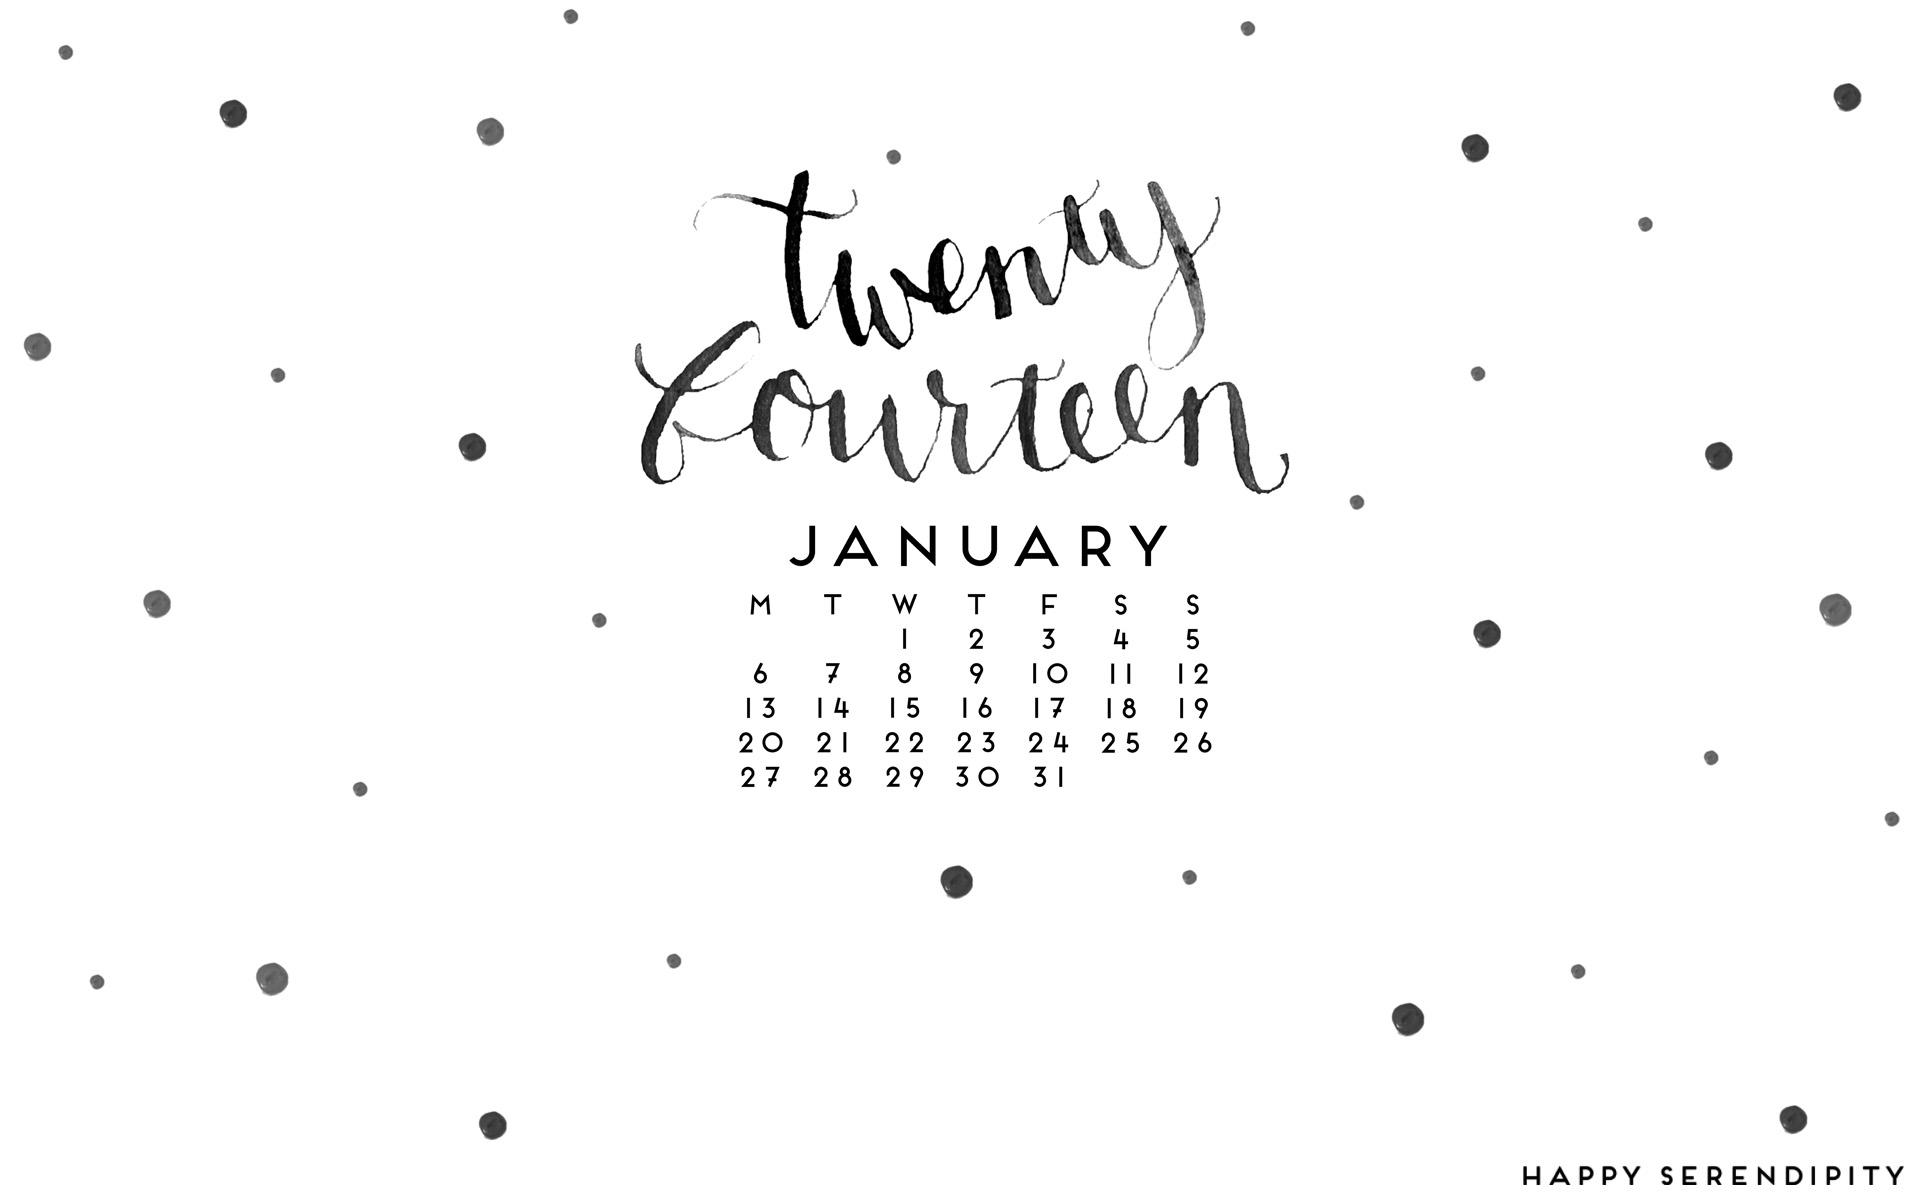 Desktop Wallpaper Januar 2014 by happyserindipity